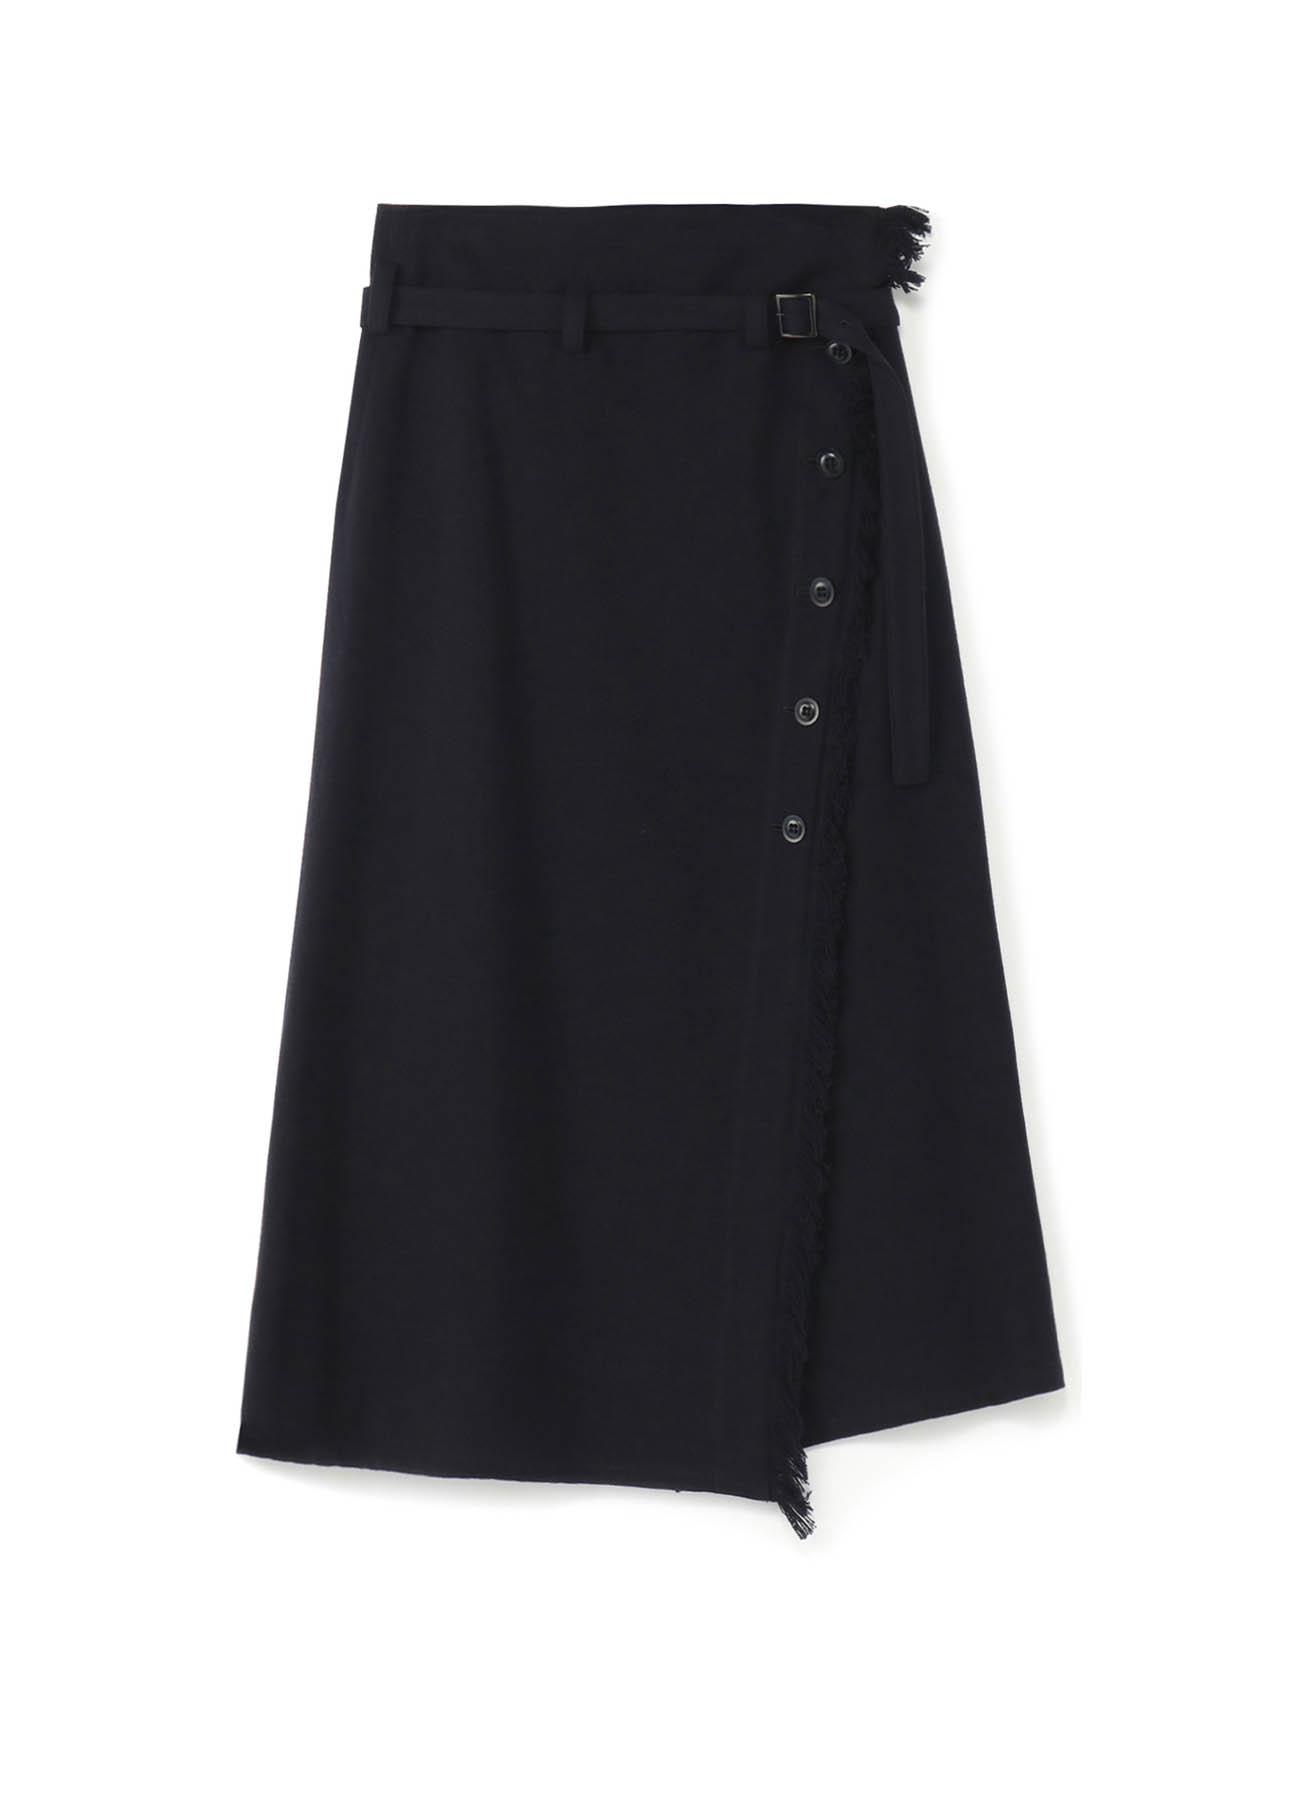 斜线纽扣·腰带不对称设计半身裙